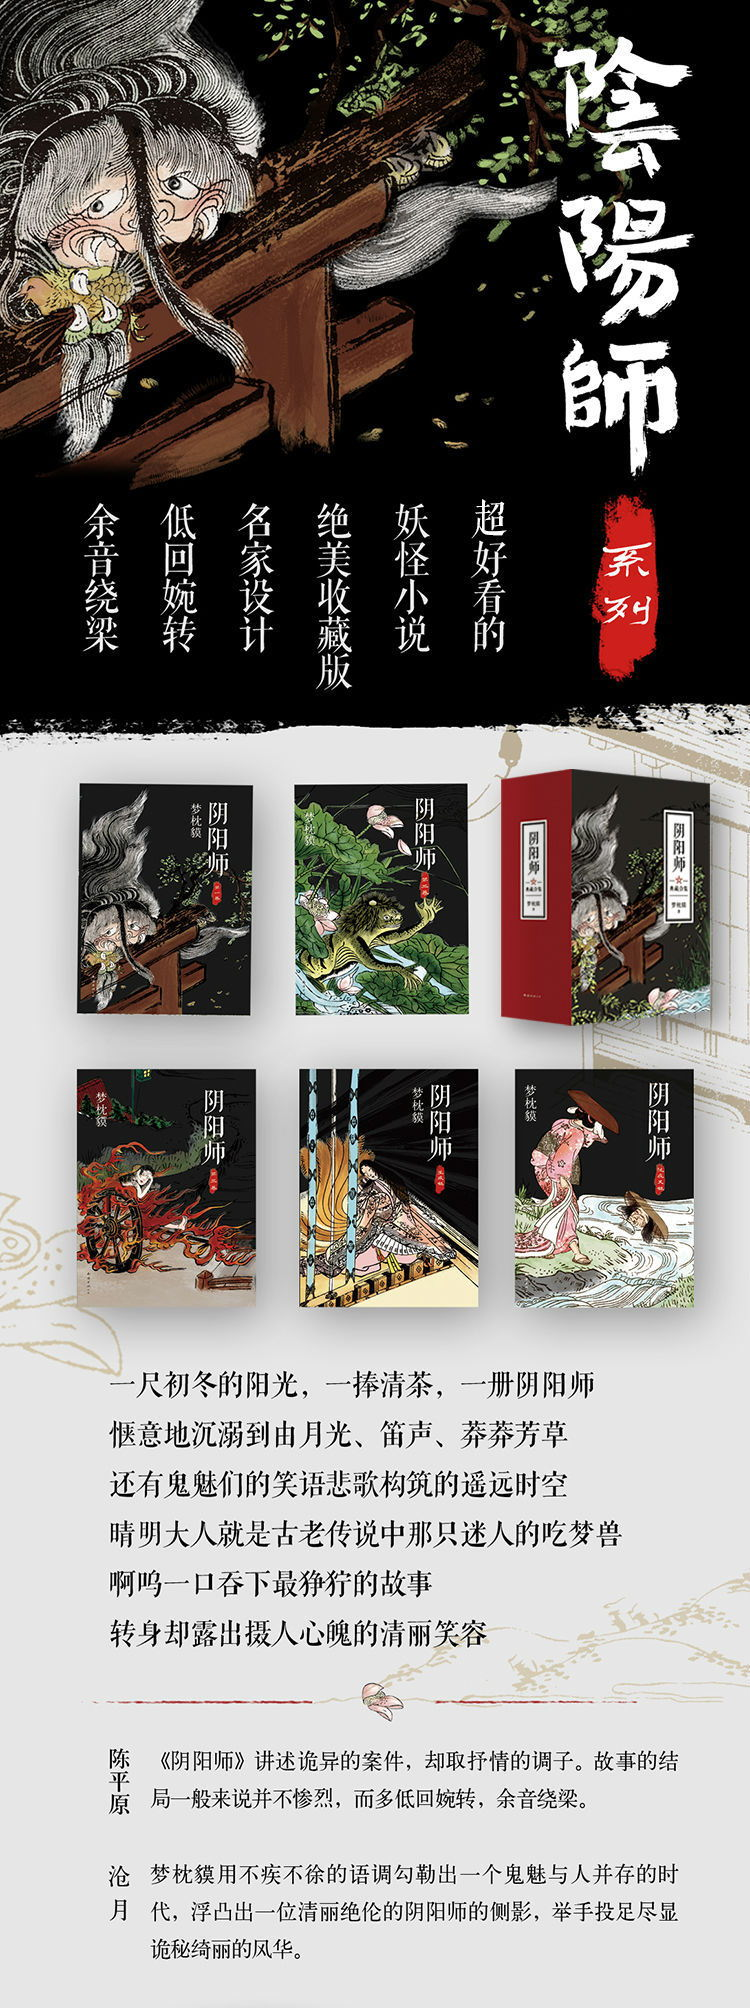 陰陽師典蔵合集(全5册)